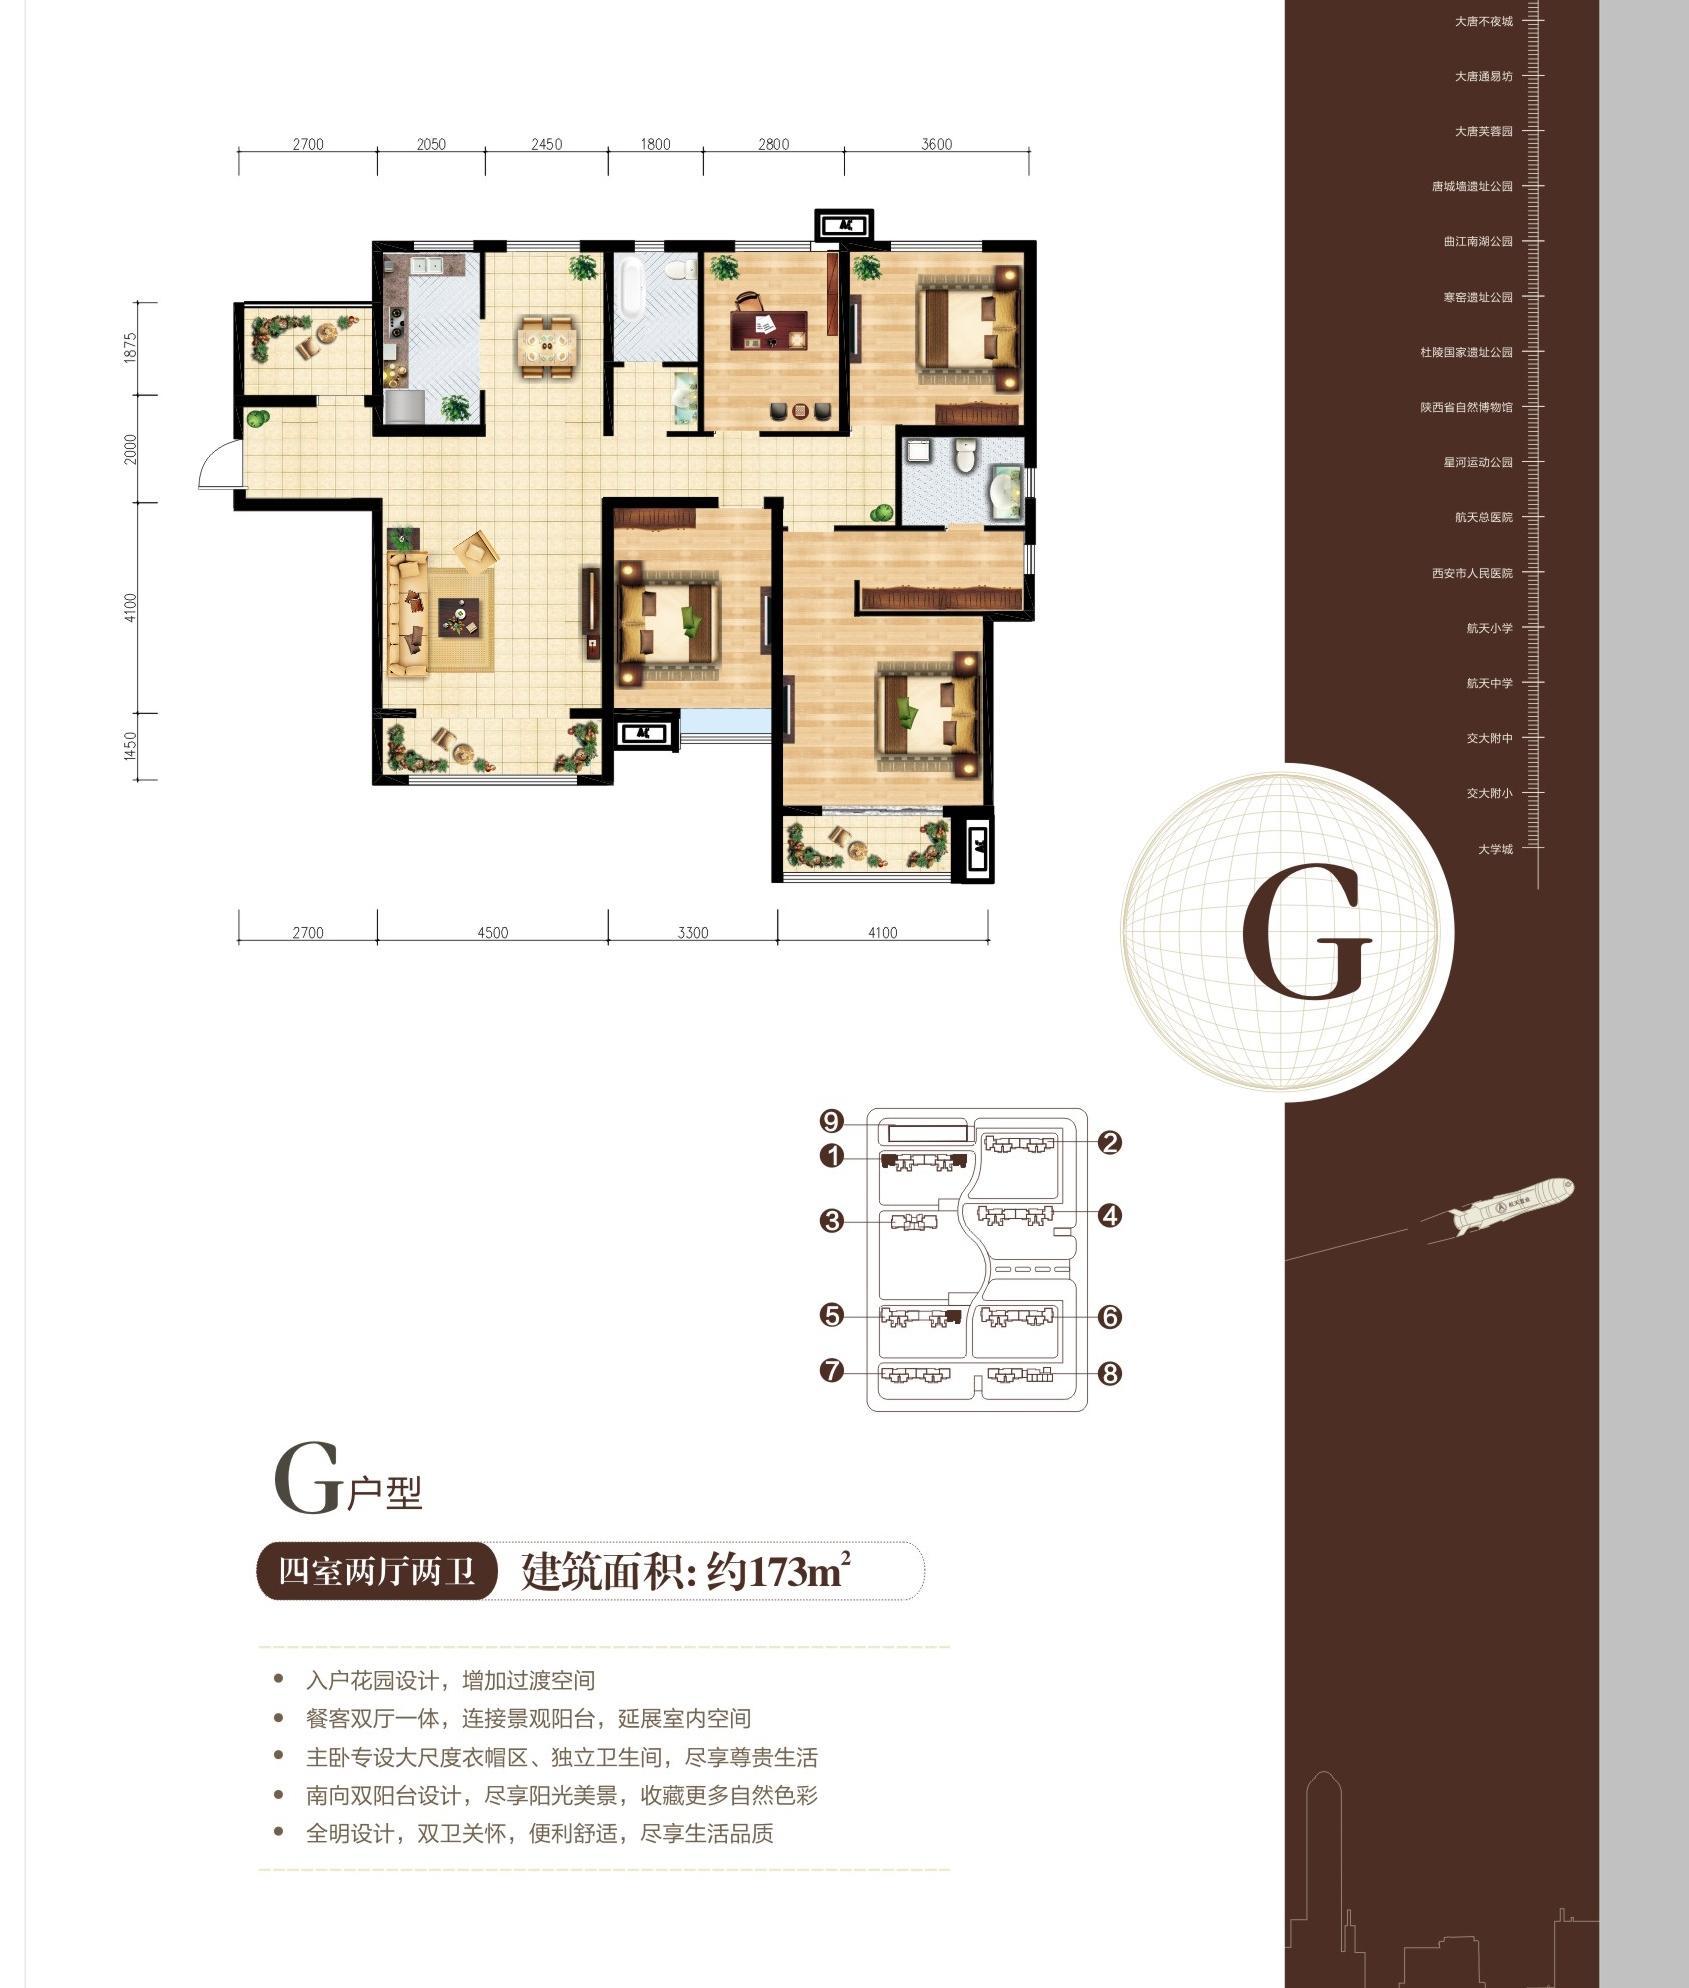 西安航天城二期G户型四室两厅两卫173㎡